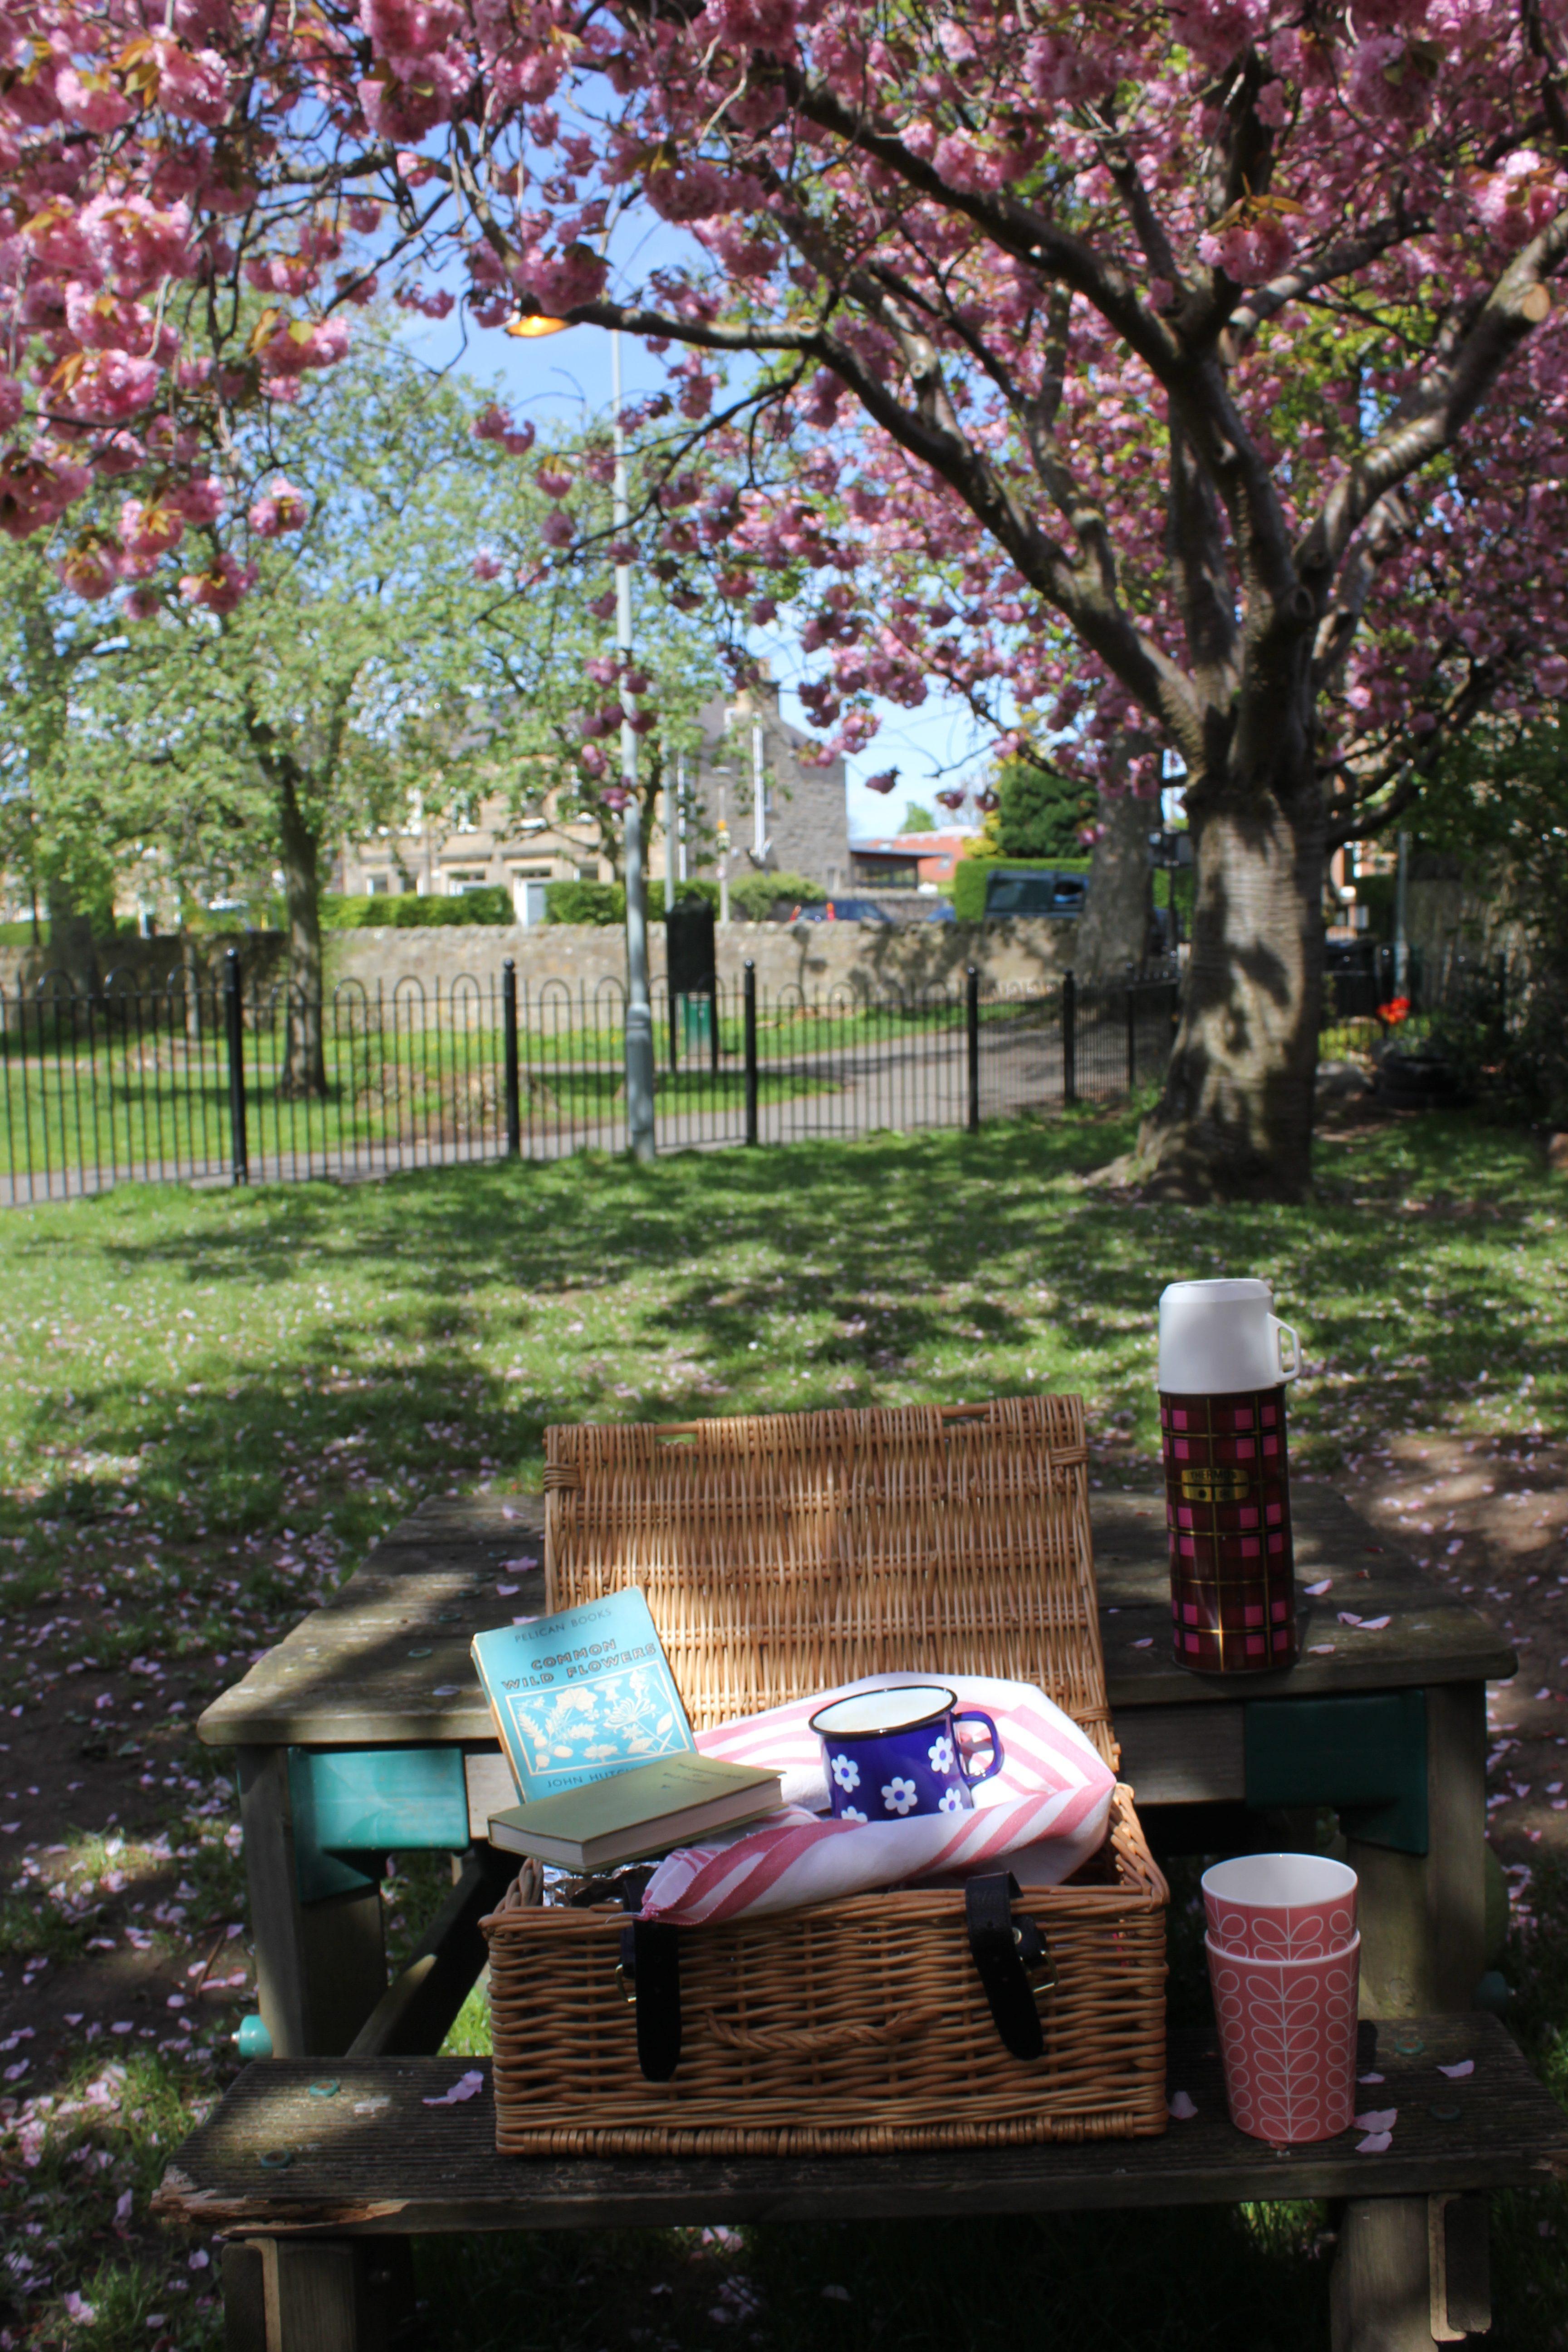 Blossom picnic